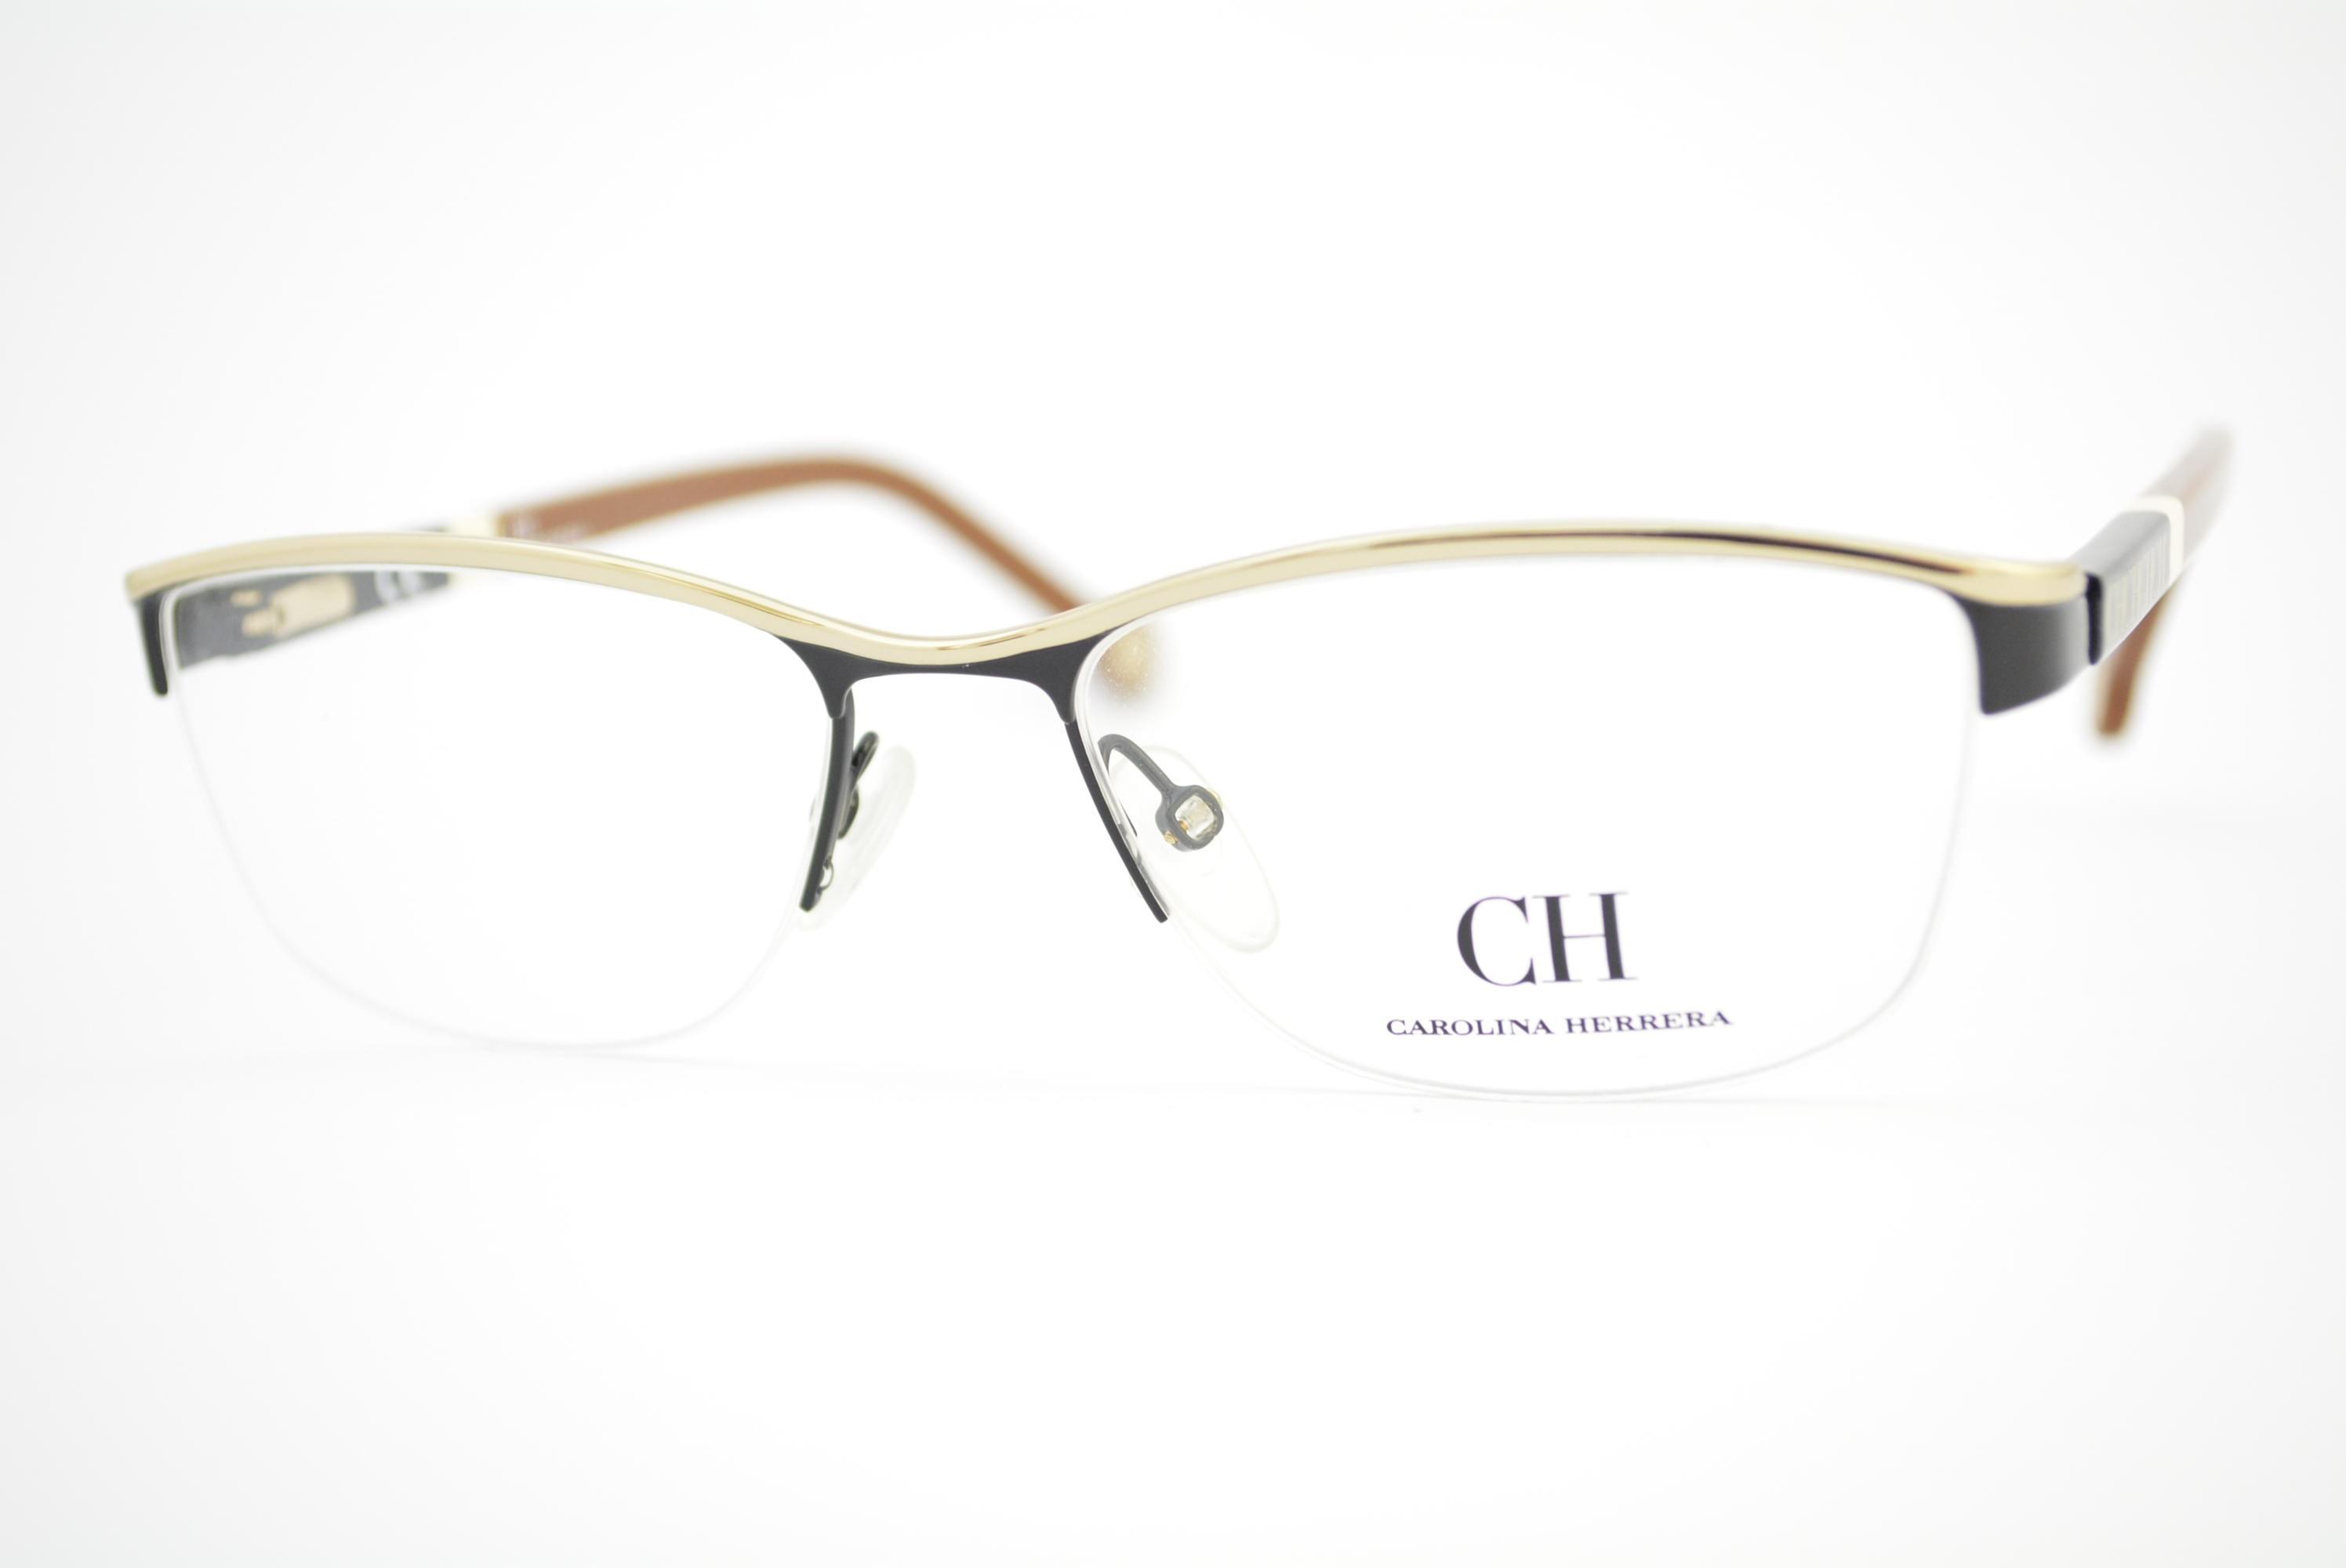 5931ac644 armação de óculos Carolina Herrera mod vhe041 col.0530 Ótica Cardoso